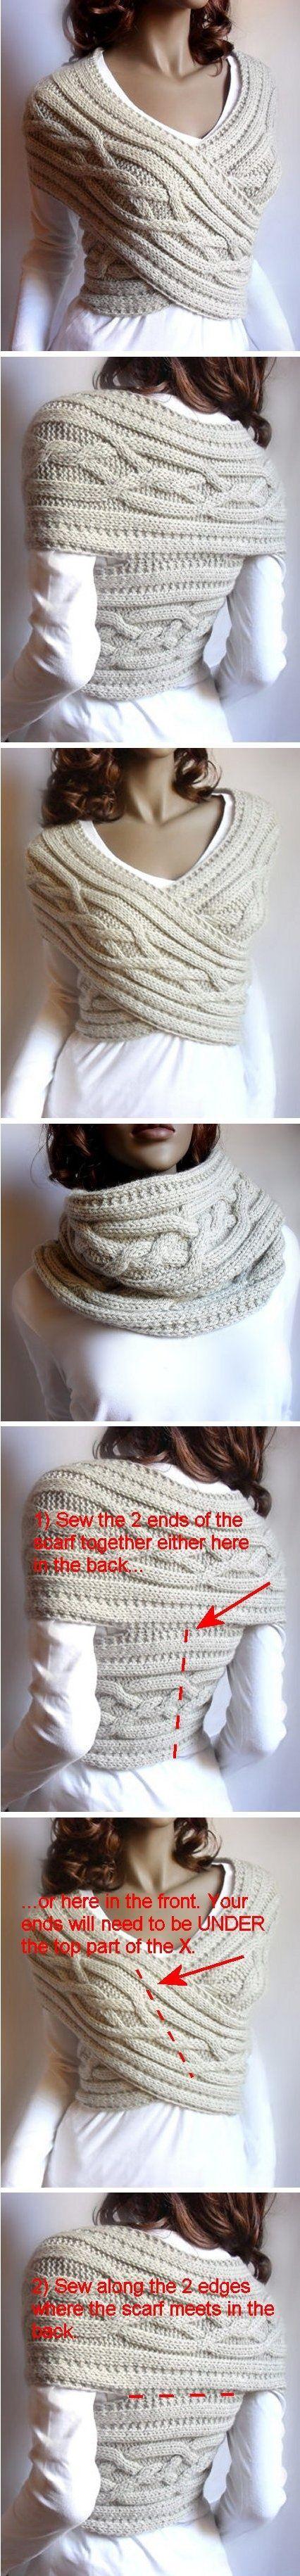 Make a scarf into a top